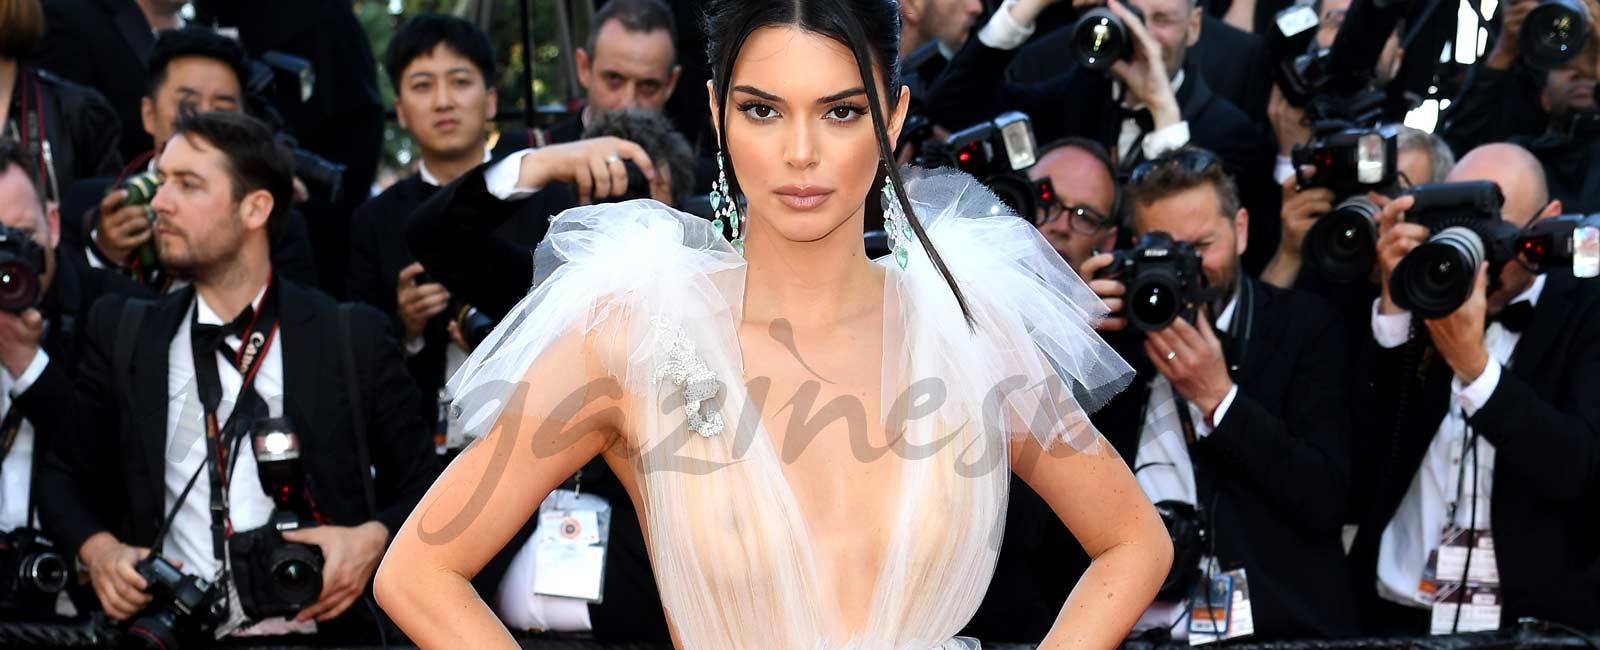 Las transparencias de Kendall Jenner en Cannes